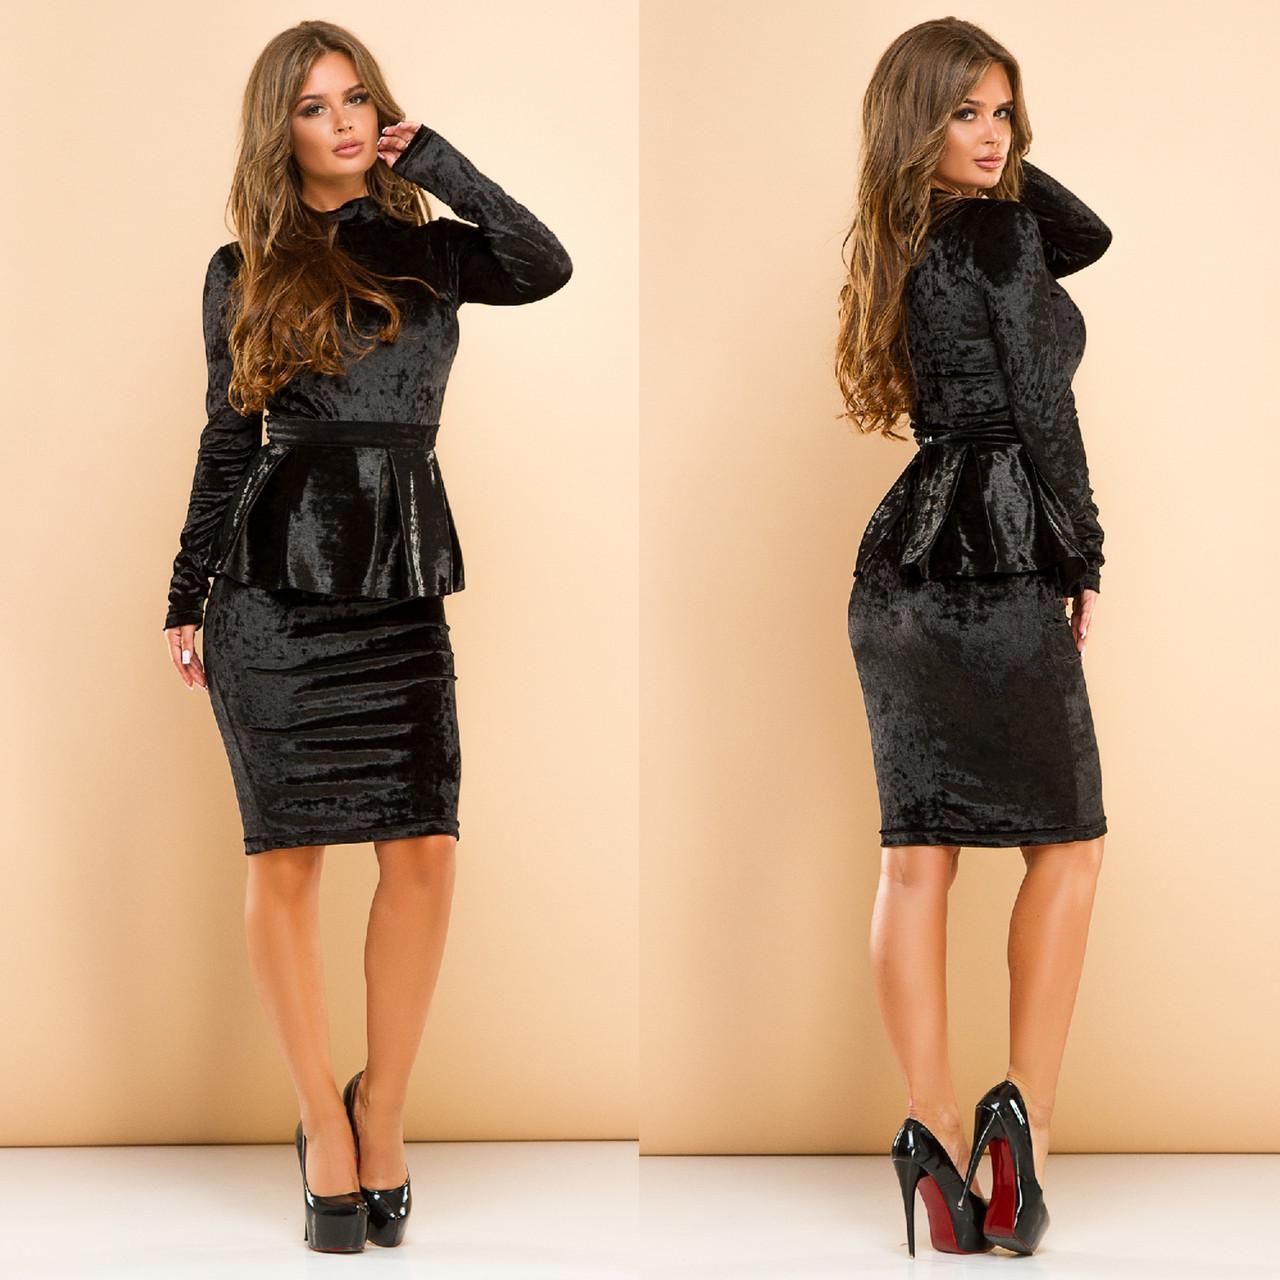 949ce0ec02b5bb3  Платье  Платье женское бархат в цветах 27390 Интернет- магазин модной ... cd33620b552476b ... d550816e16186